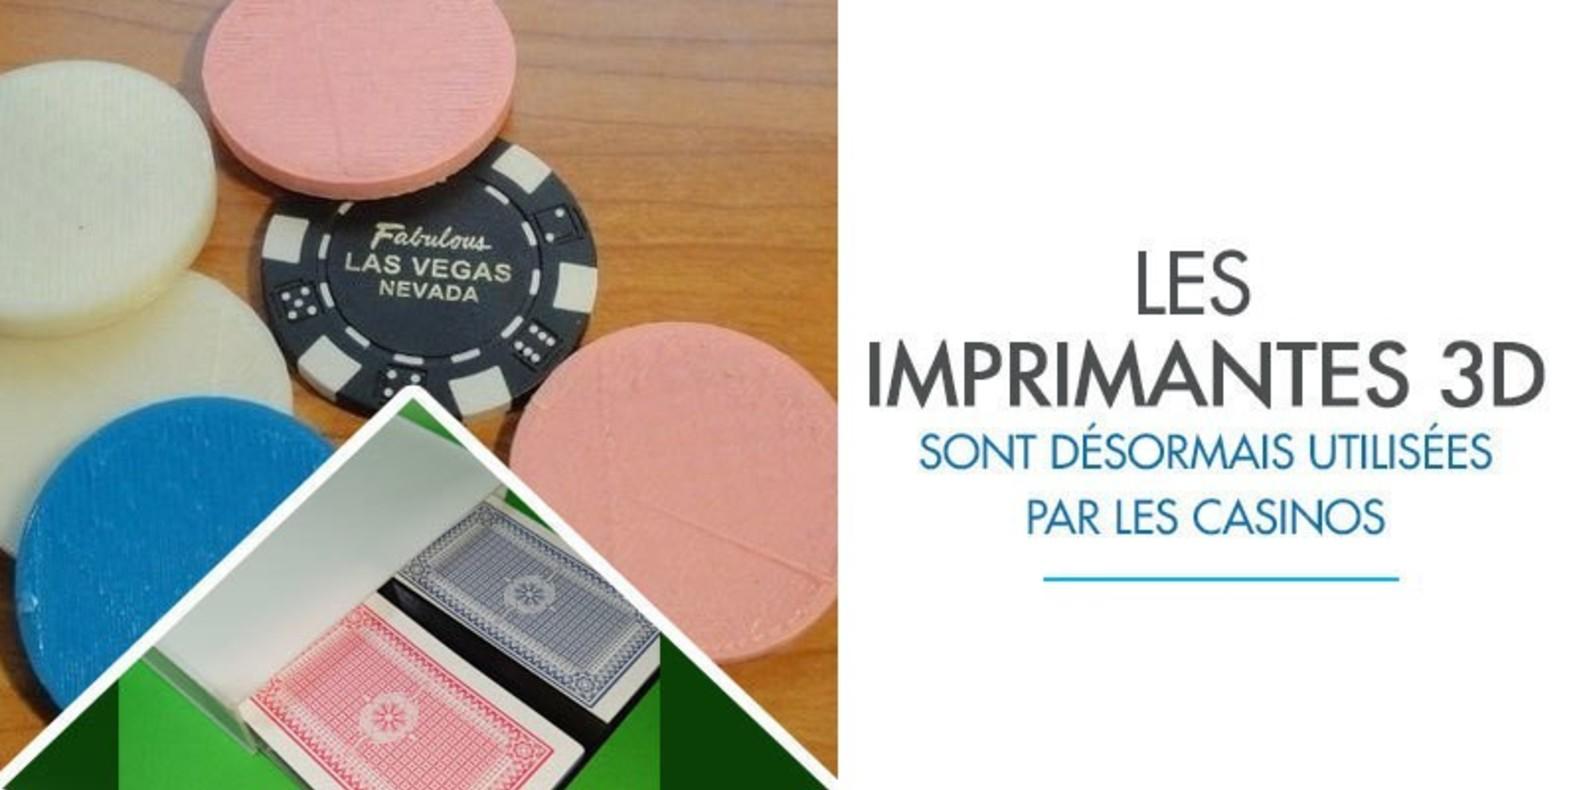 Utilité Des Imprimantes 3D Dans L'univers Actuel Des Casinos